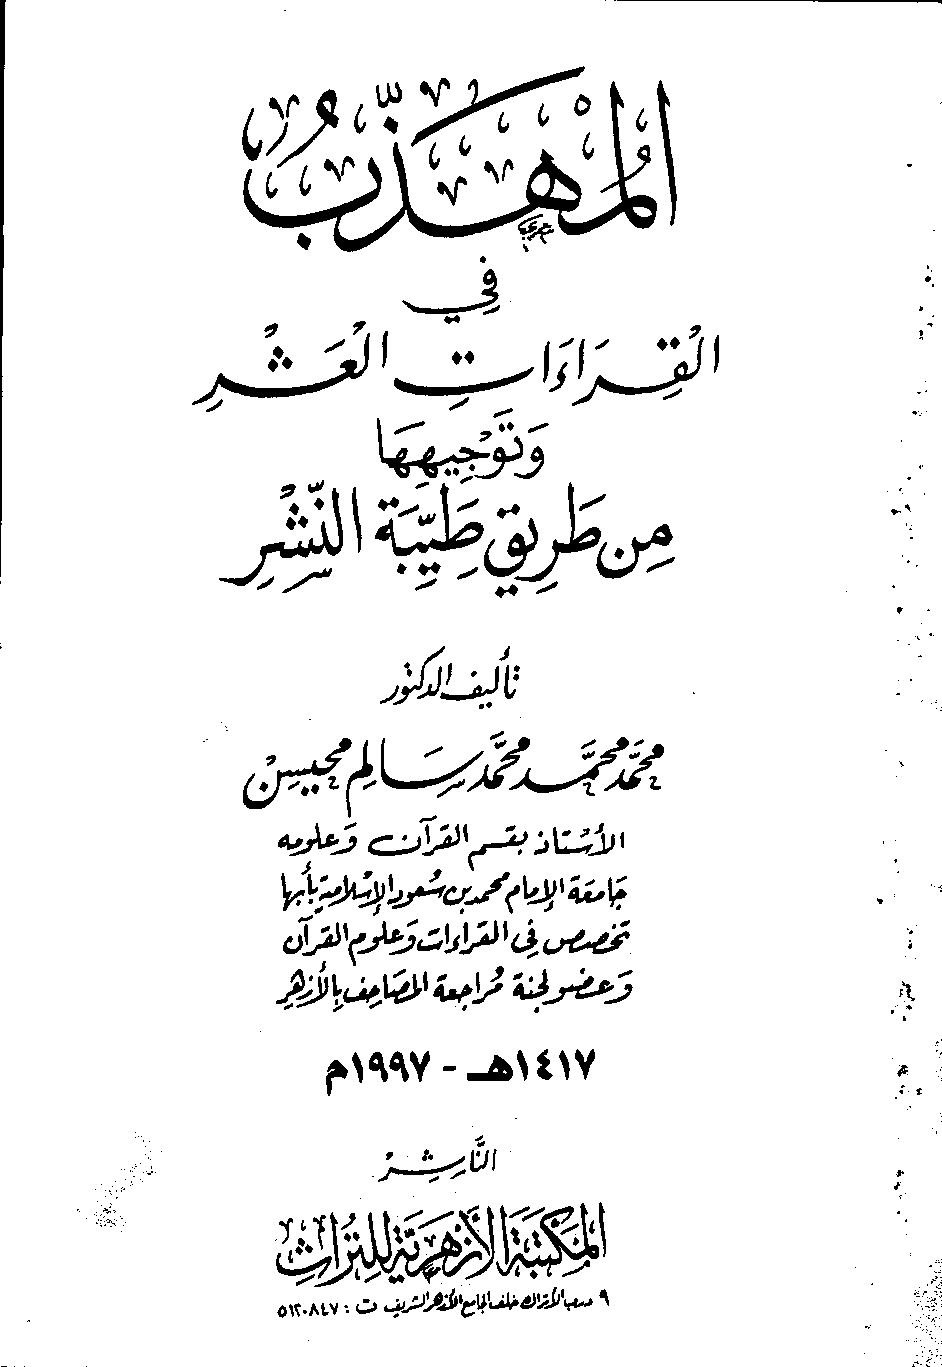 تحميل كتاب المهذب في القراءات العشر وتوجيهها من طريق طيبة النشر لـِ: الدكتور محمد محمد محمد سالم محيسن (ت 1422)